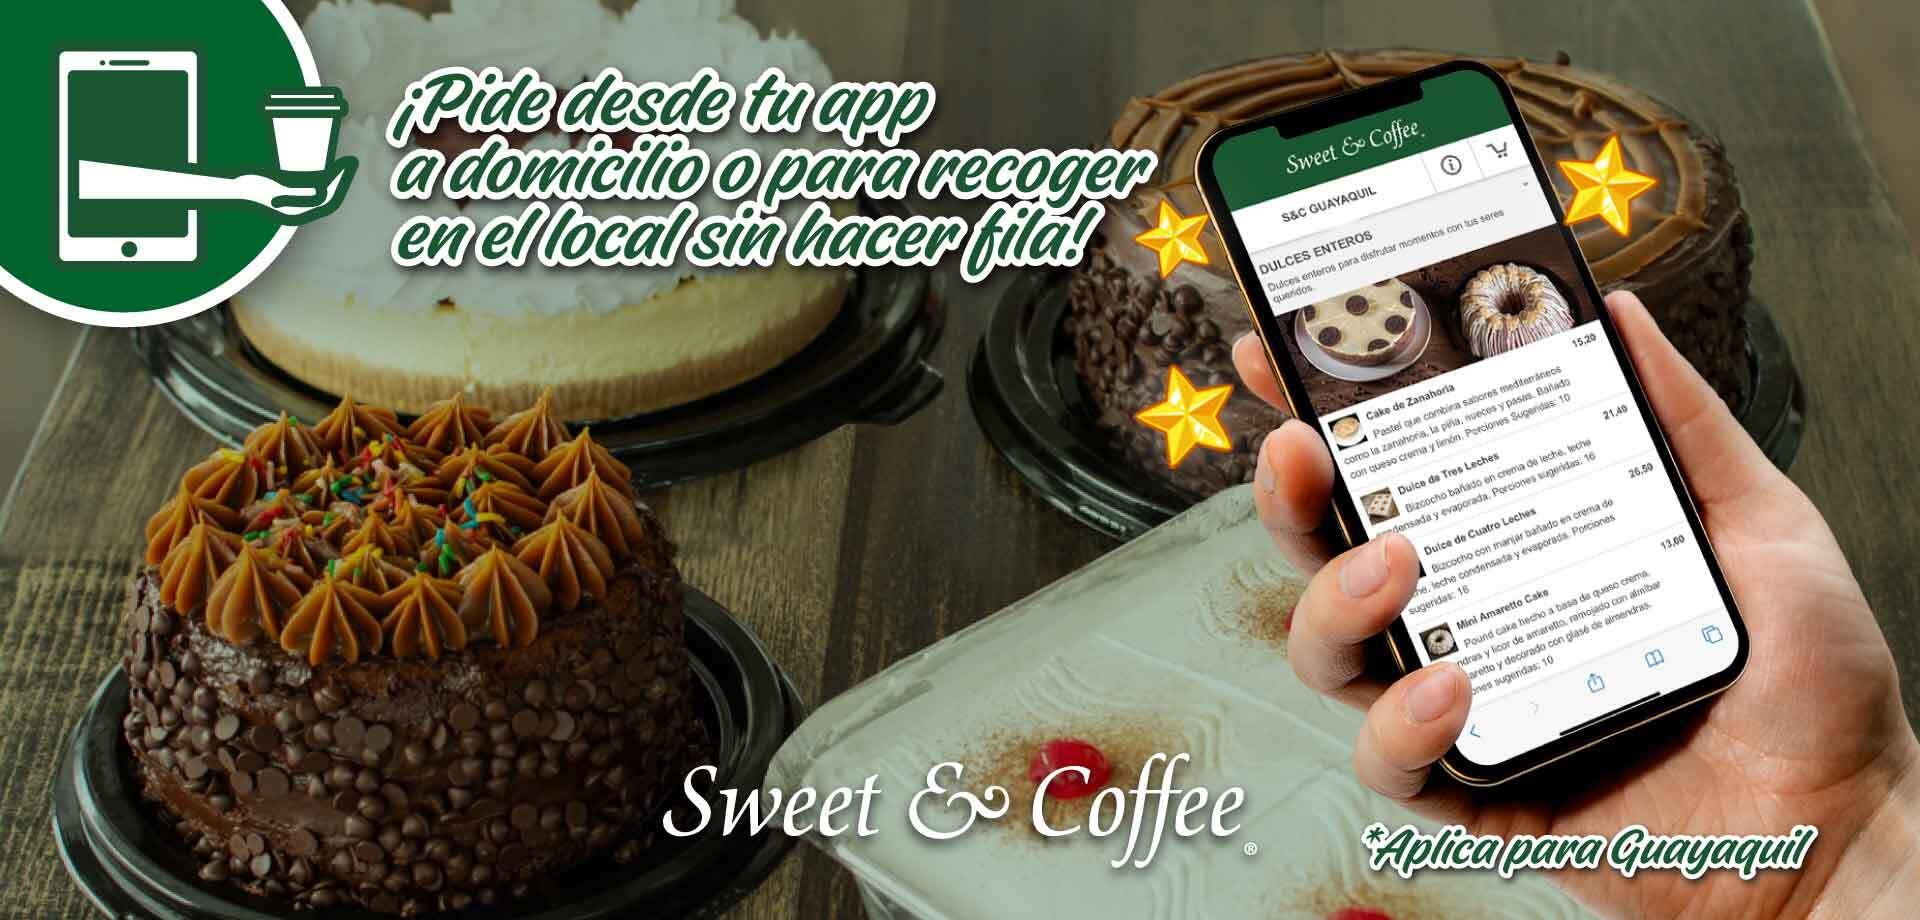 Pedidos en linea SweetCoffee